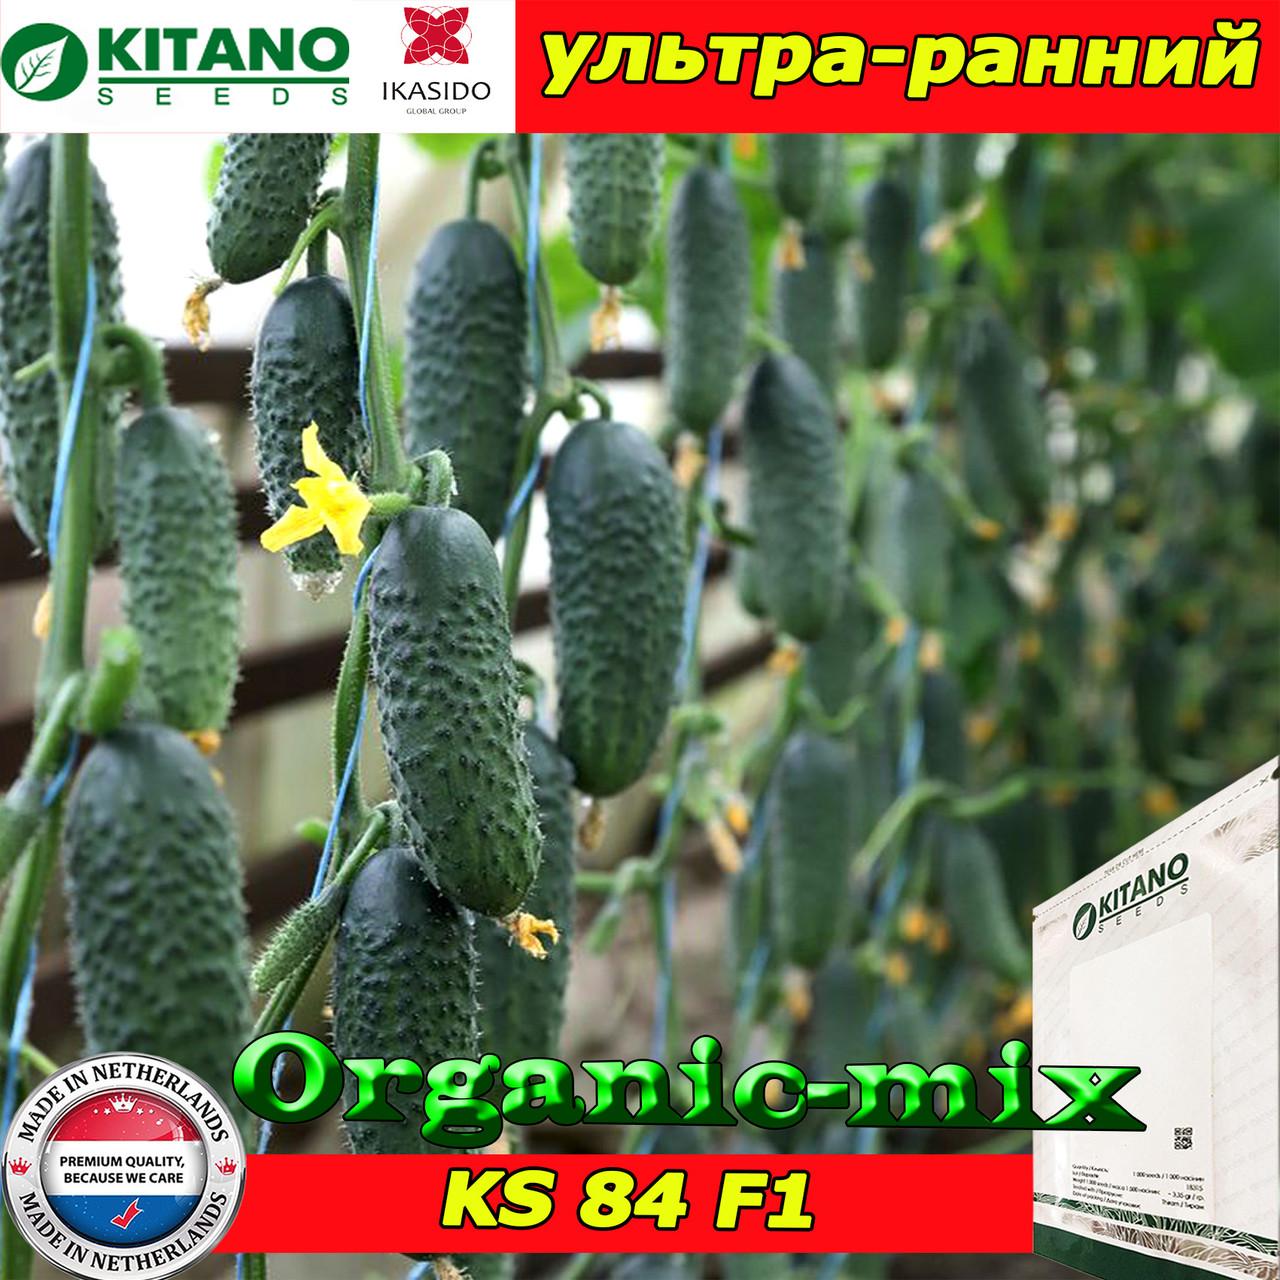 Семена, огурец ультра ранний КС 84 F1 / KS 84 F1, суперпучковой, 250 семян, ТМ Kitano Seeds